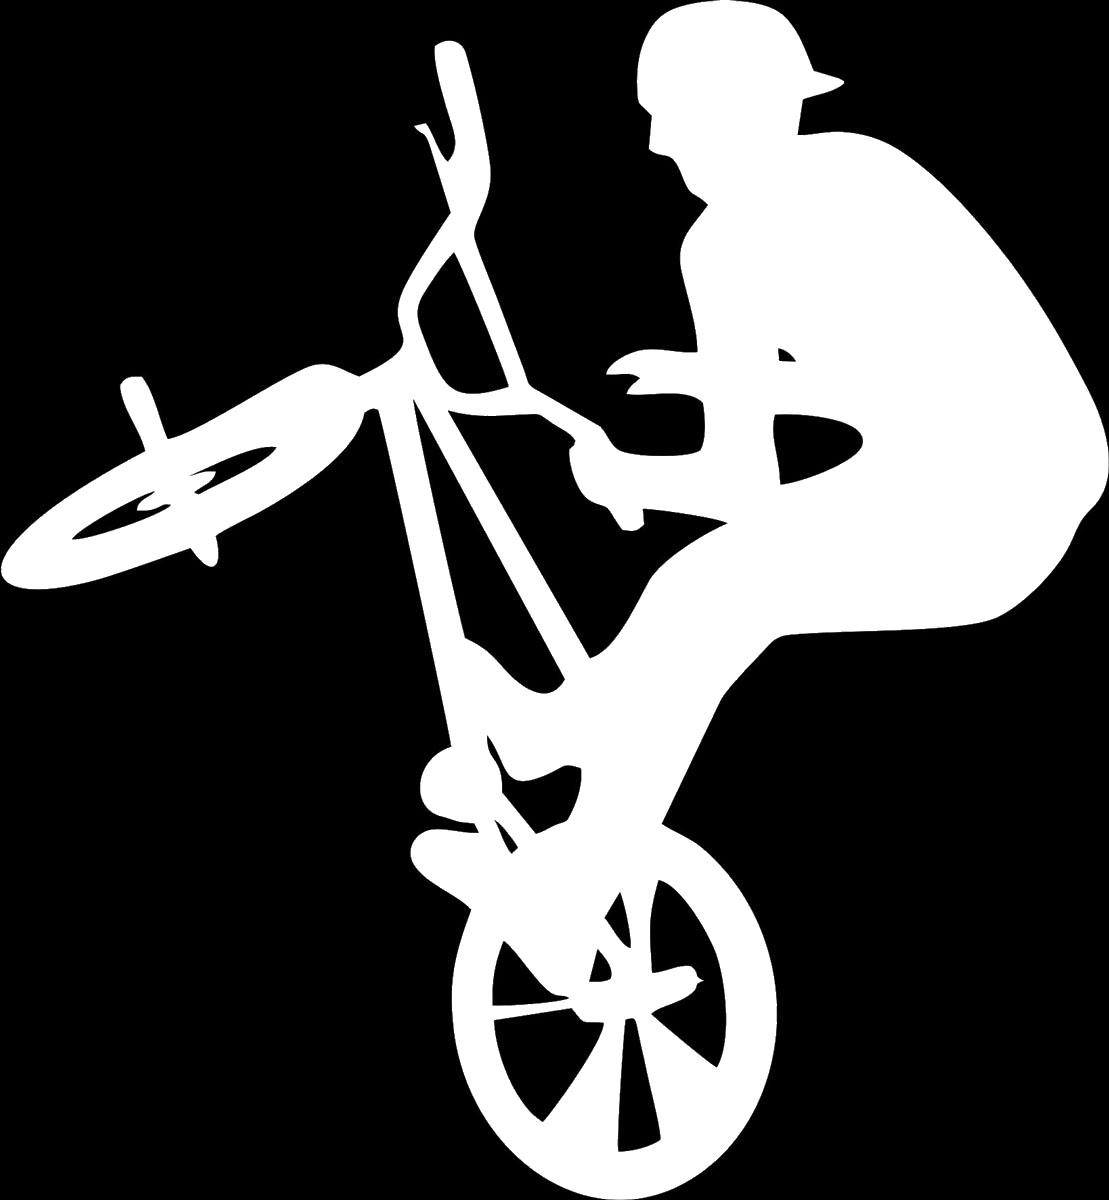 Наклейка автомобильная Оранжевый слоник Велосипедист, виниловая, цвет: белый210SB002RGBОригинальная наклейка Оранжевый слоник Велосипедист изготовлена из высококачественной виниловой пленки, которая выполняет не только декоративную функцию, но и защищает кузов автомобиля от небольших механических повреждений, либо скрывает уже существующие.Виниловые наклейки на автомобиль - это не только красиво, но еще и быстро! Всего за несколько минут вы можете полностью преобразить свой автомобиль, сделать его ярким, необычным, особенным и неповторимым!